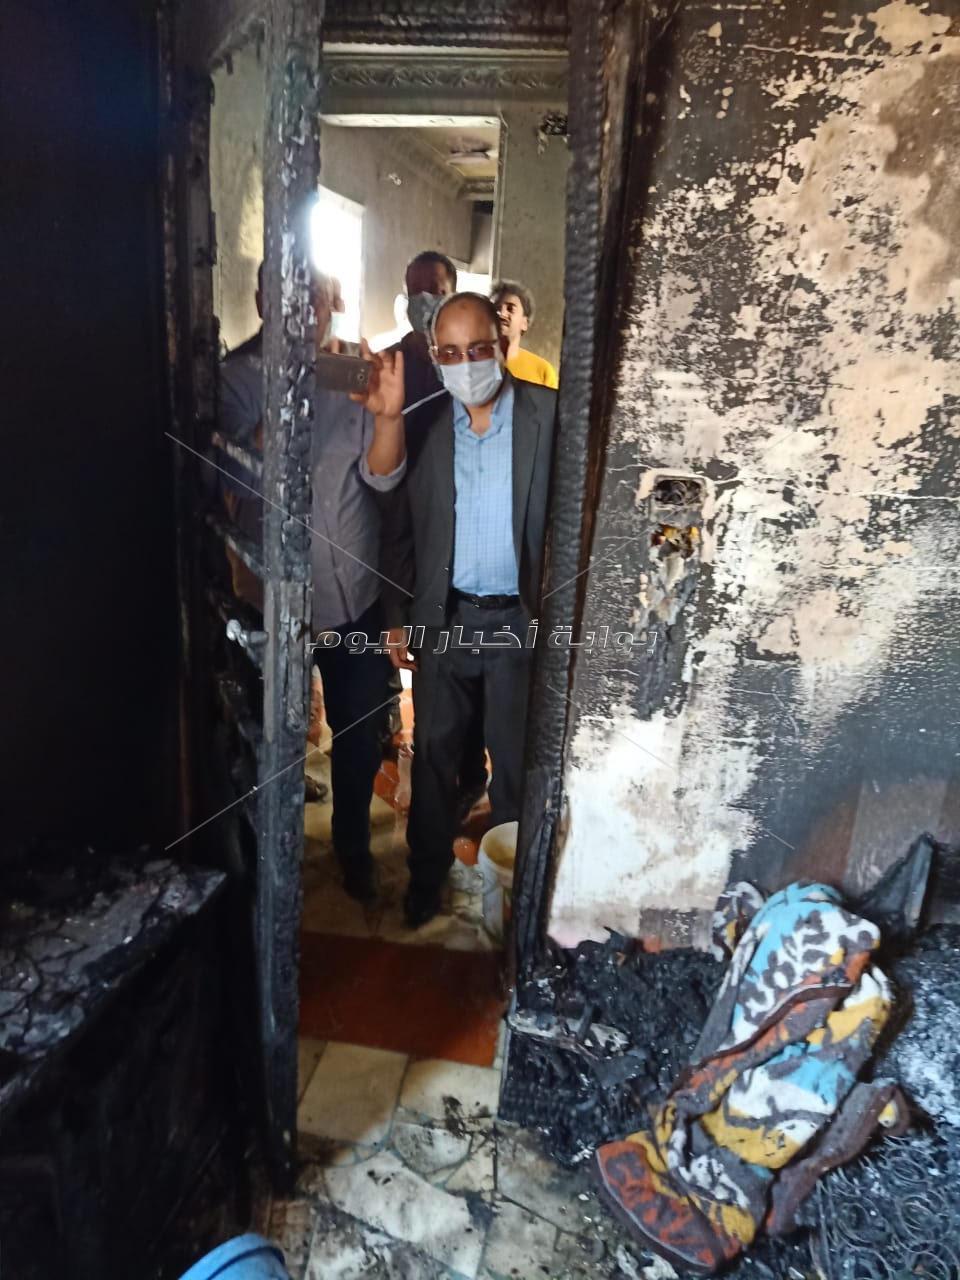 تفحم جثة رضيع إثر حريق  مروع داخل شقة بقرية بالدلنجات بالبحيرة